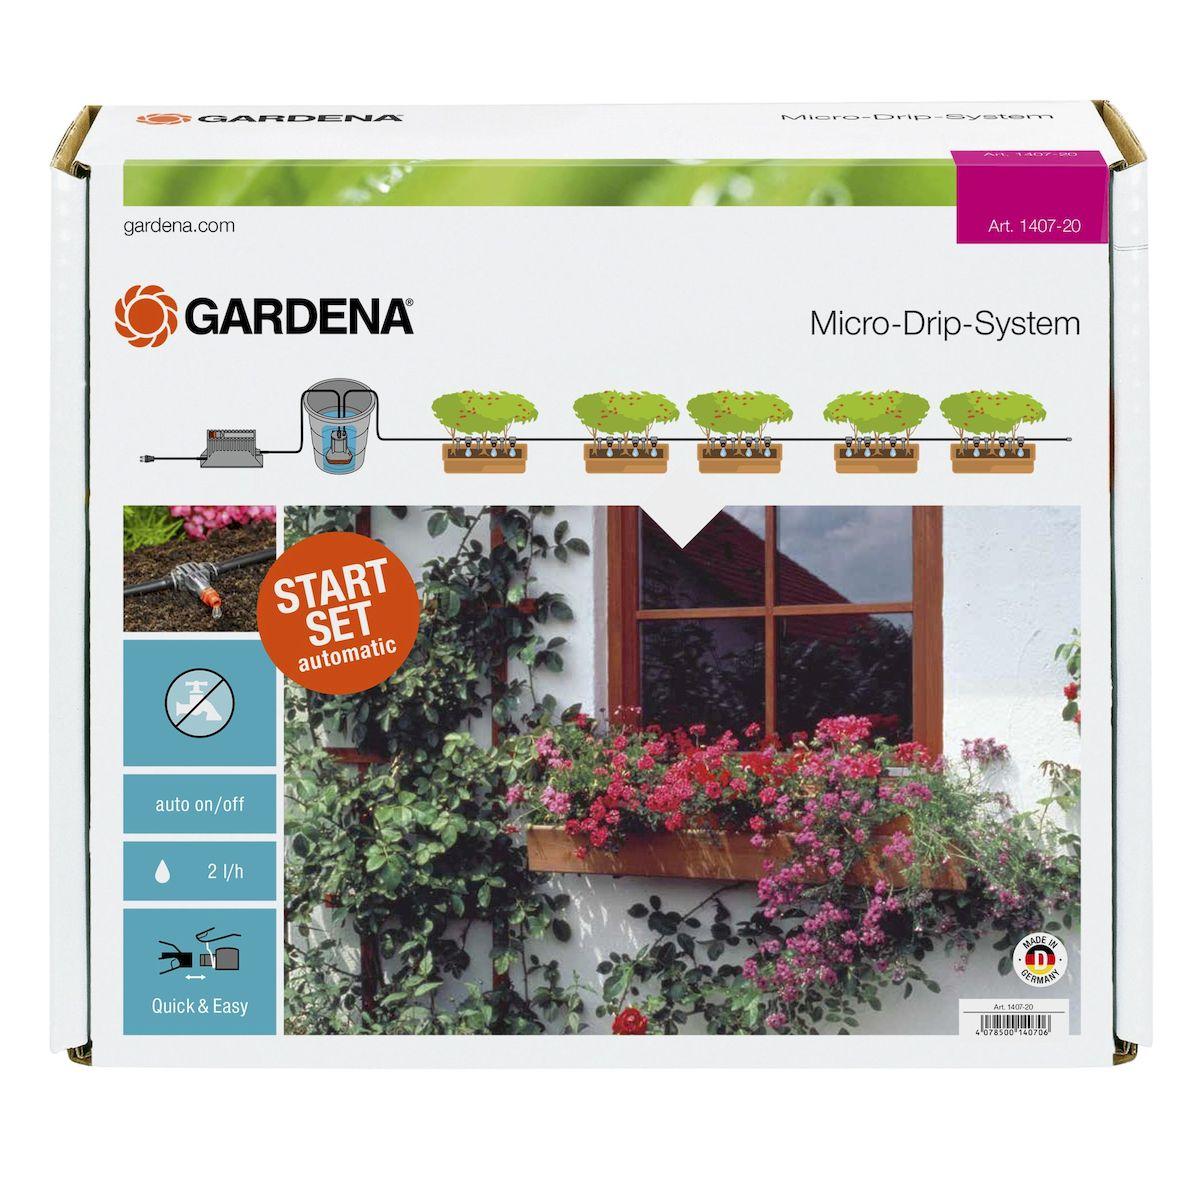 Комплект микрокапельного полива горшечных растений Gardena01407-20.000.00Система микрокапельного полива Gardena предназначена для автоматического полива горшечных растений протяженностью до 6 м. Наличие встроенного таймера с 13 заданными программами позволяет легко поливать горшечные растения в ваше отсутствие. Для того чтобы исключить зависимость от водопровода, полив растений может осуществляться напрямую, например, из бака с дождевой водой. Для полива горшечных растений на протяжении более 6 м в систему можно включить дополнительные элементы. Для рационального полива к системе полива горшечных растений можно подключить датчик дождя Gardena и датчик влажности почвы Gardena. В комплекте: - трансформатор с вращающимся регулятором для выбора программы полива; - насос низкого давления 14 В; - фильтр; - внутренняя капельница (2 л/ч), 25 шт; - концевая заглушка; - игла для прочистки; - подающий шланг 4,6 мм (3/16 дюйма), 10 м; - колышки для крепления шланга, 15 шт.